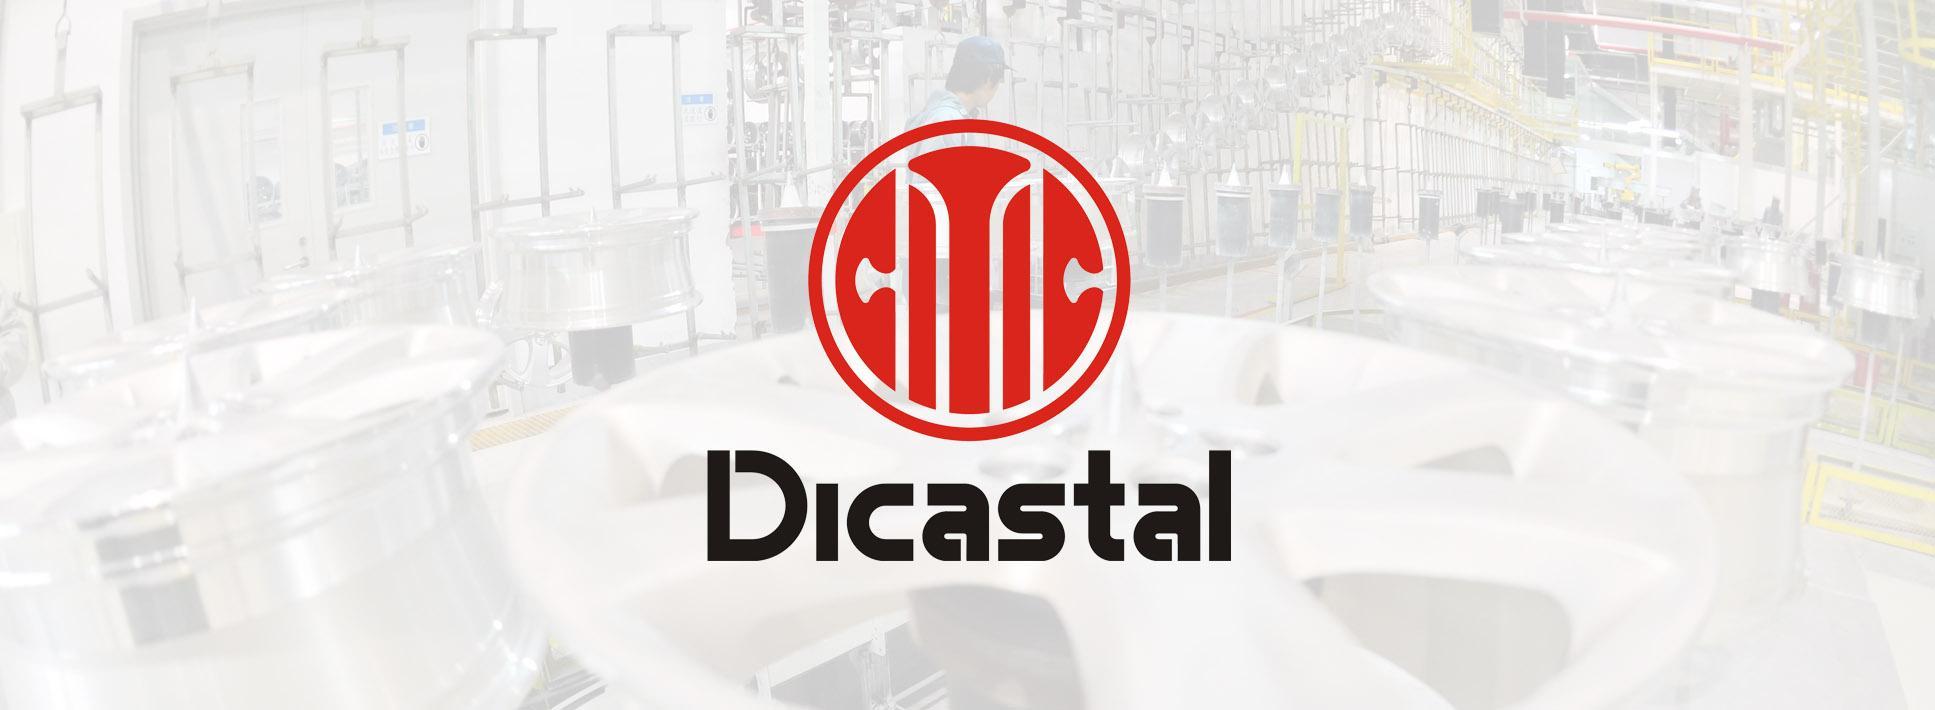 Китайский производитель дисков Dicastal готовится к дебюту в Формуле-1